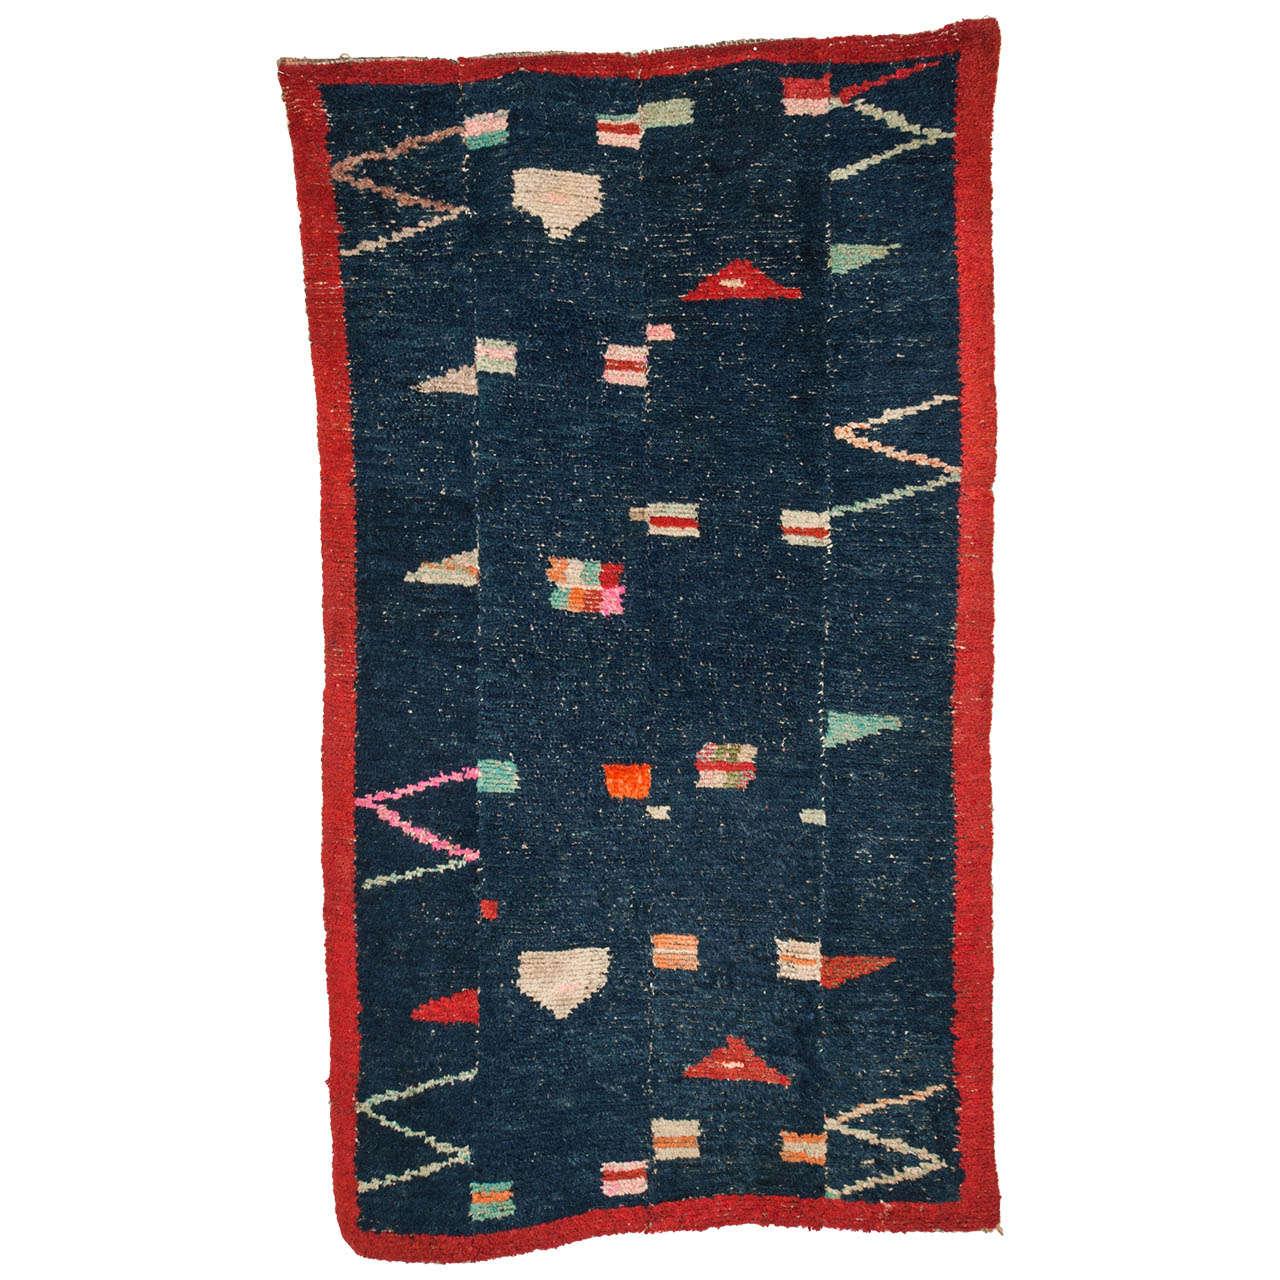 Tibetan Tsukdruk Rug For Sale At 1stdibs